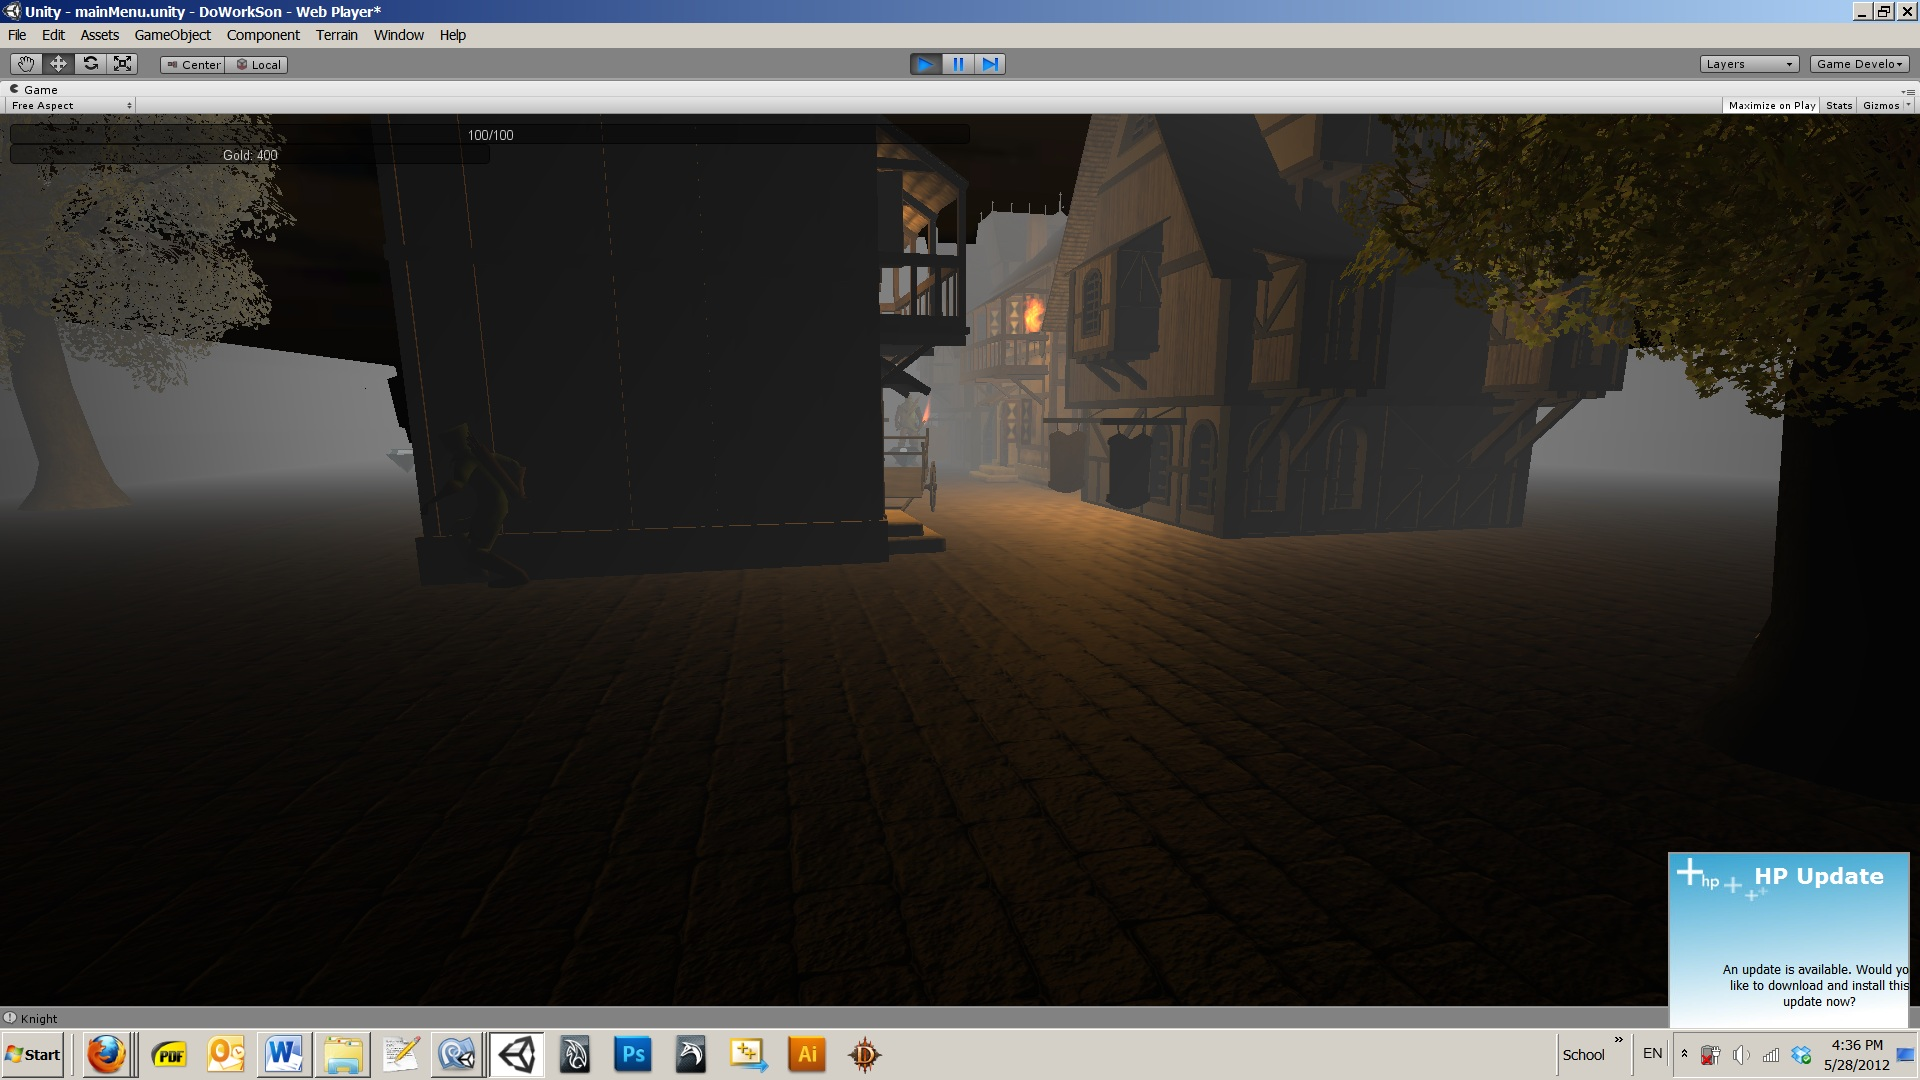 $screenShot2.jpg